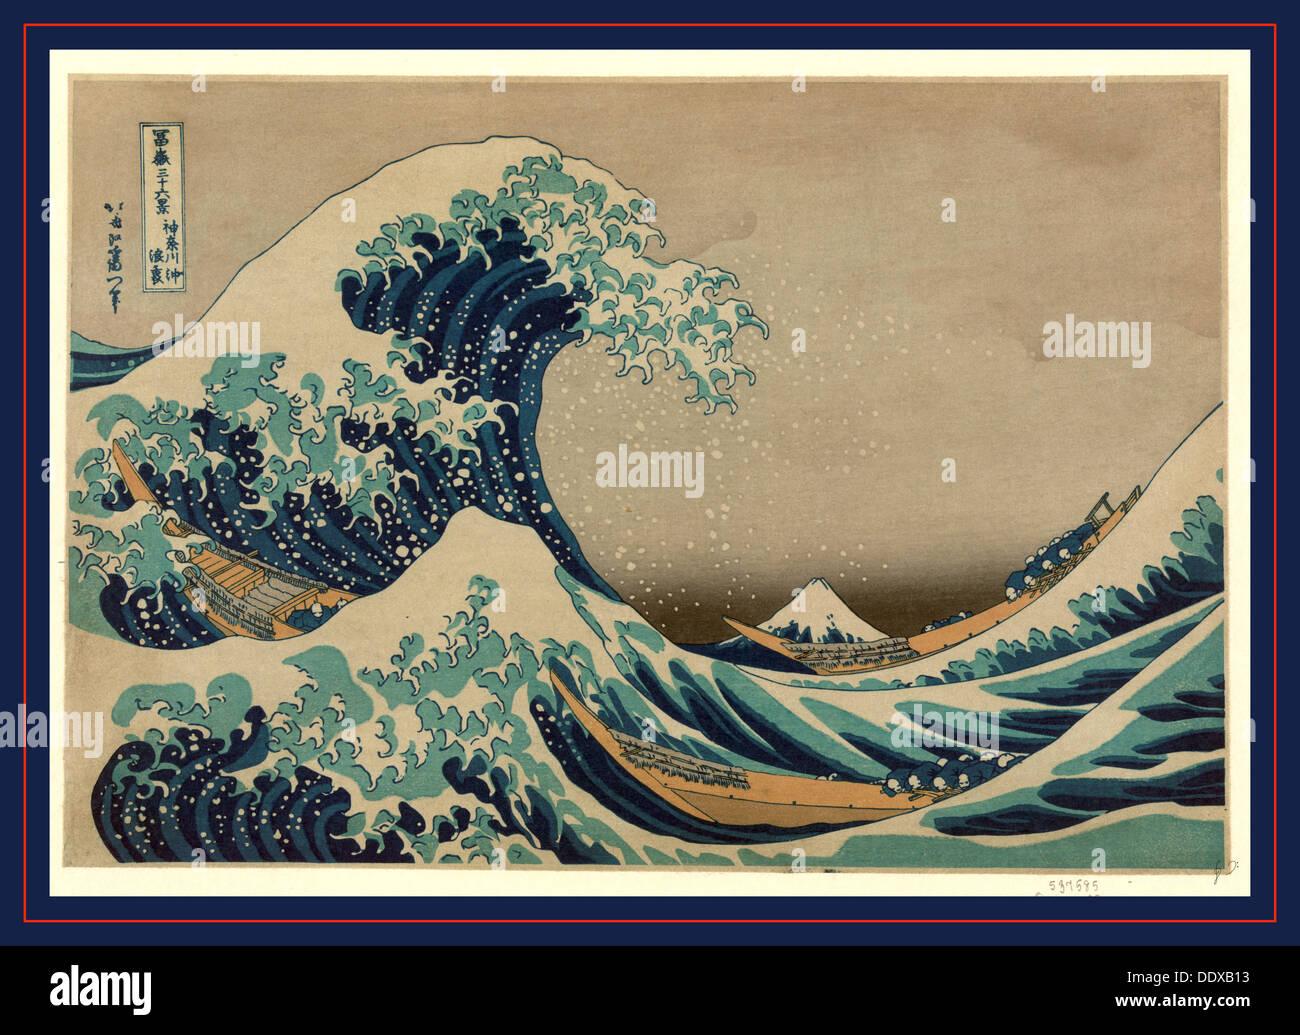 Kanagawa oki nami ura, The great wave off shore of Kanagawa. [between 1826 and 1833, printed later], 1 print : woodcut, Stock Photo